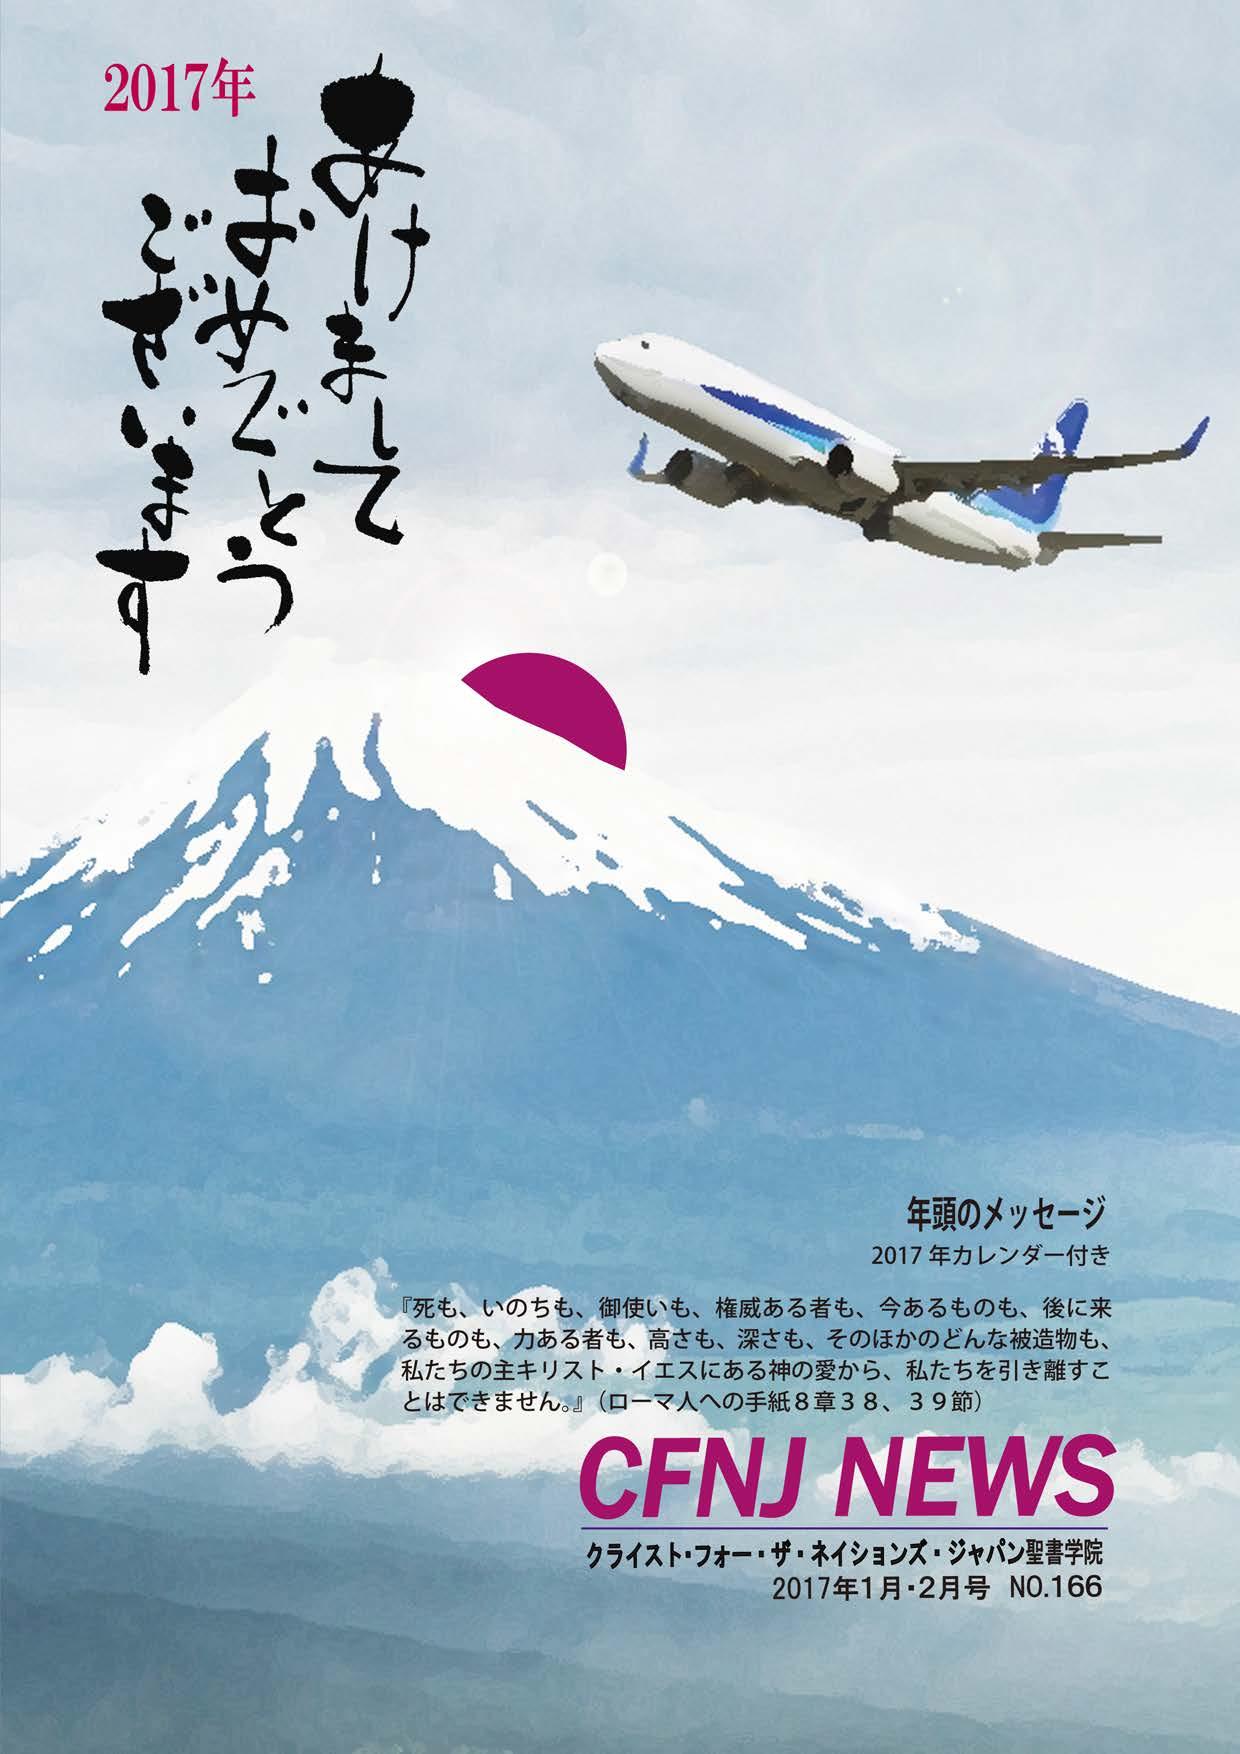 CFNJ NEWS No.166